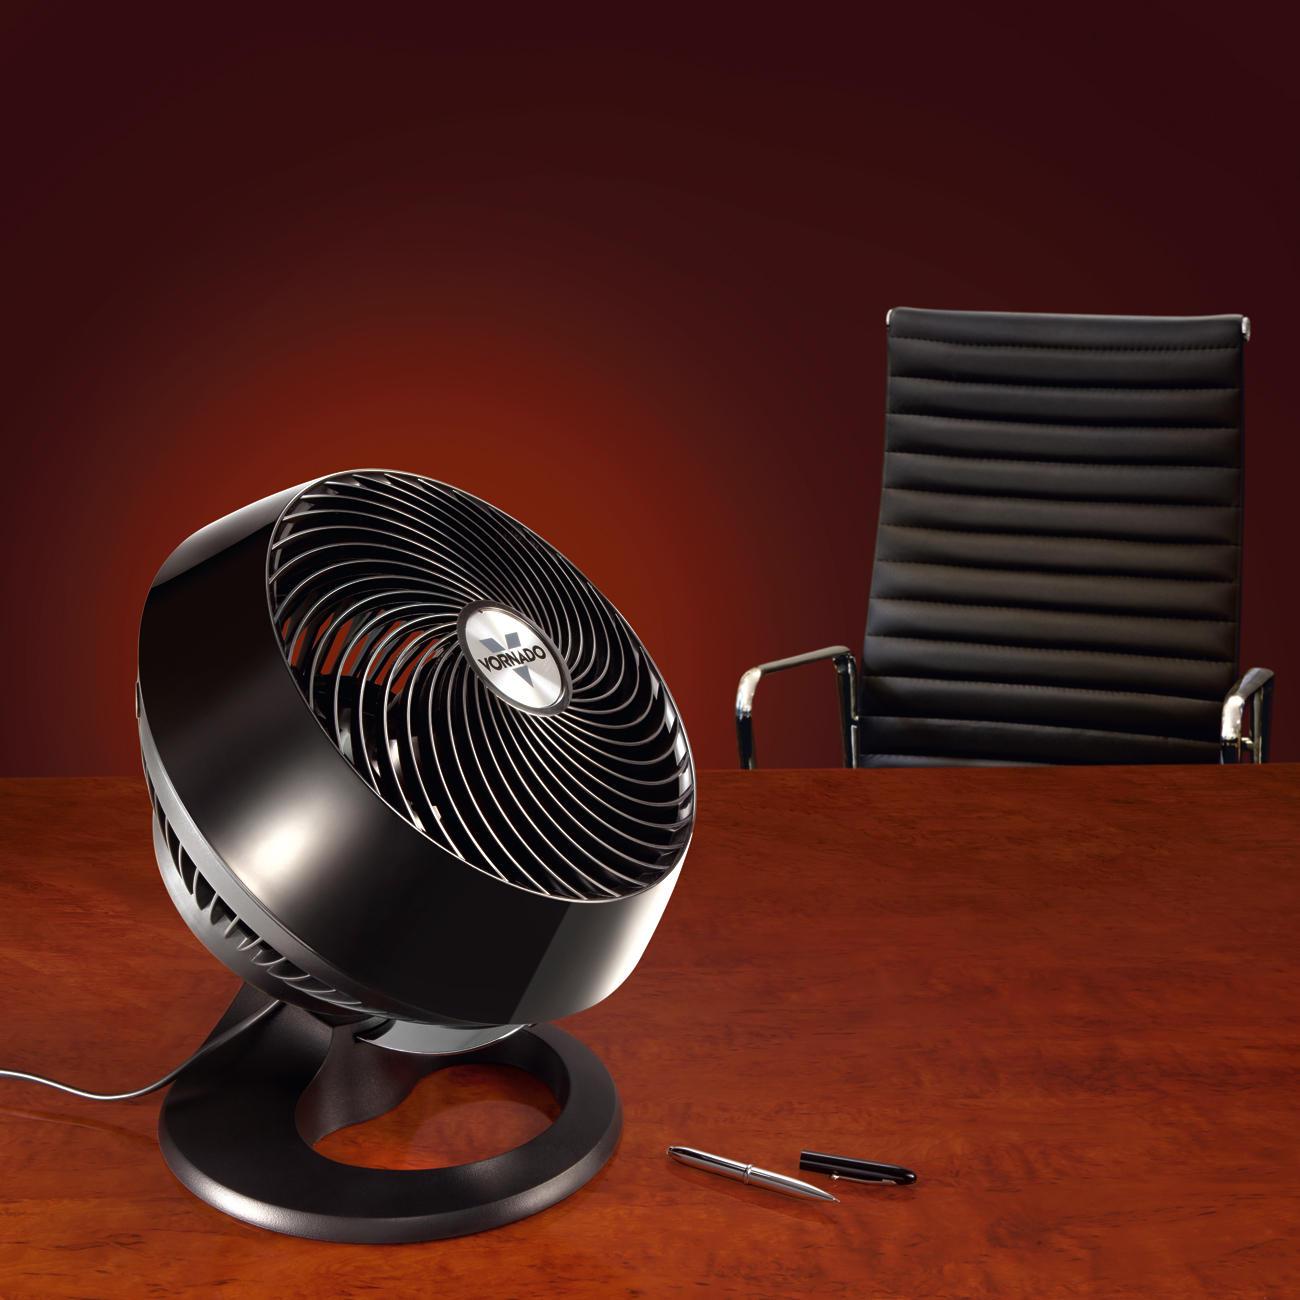 Vornado 660 Circulator : Buy vornado year product guarantee